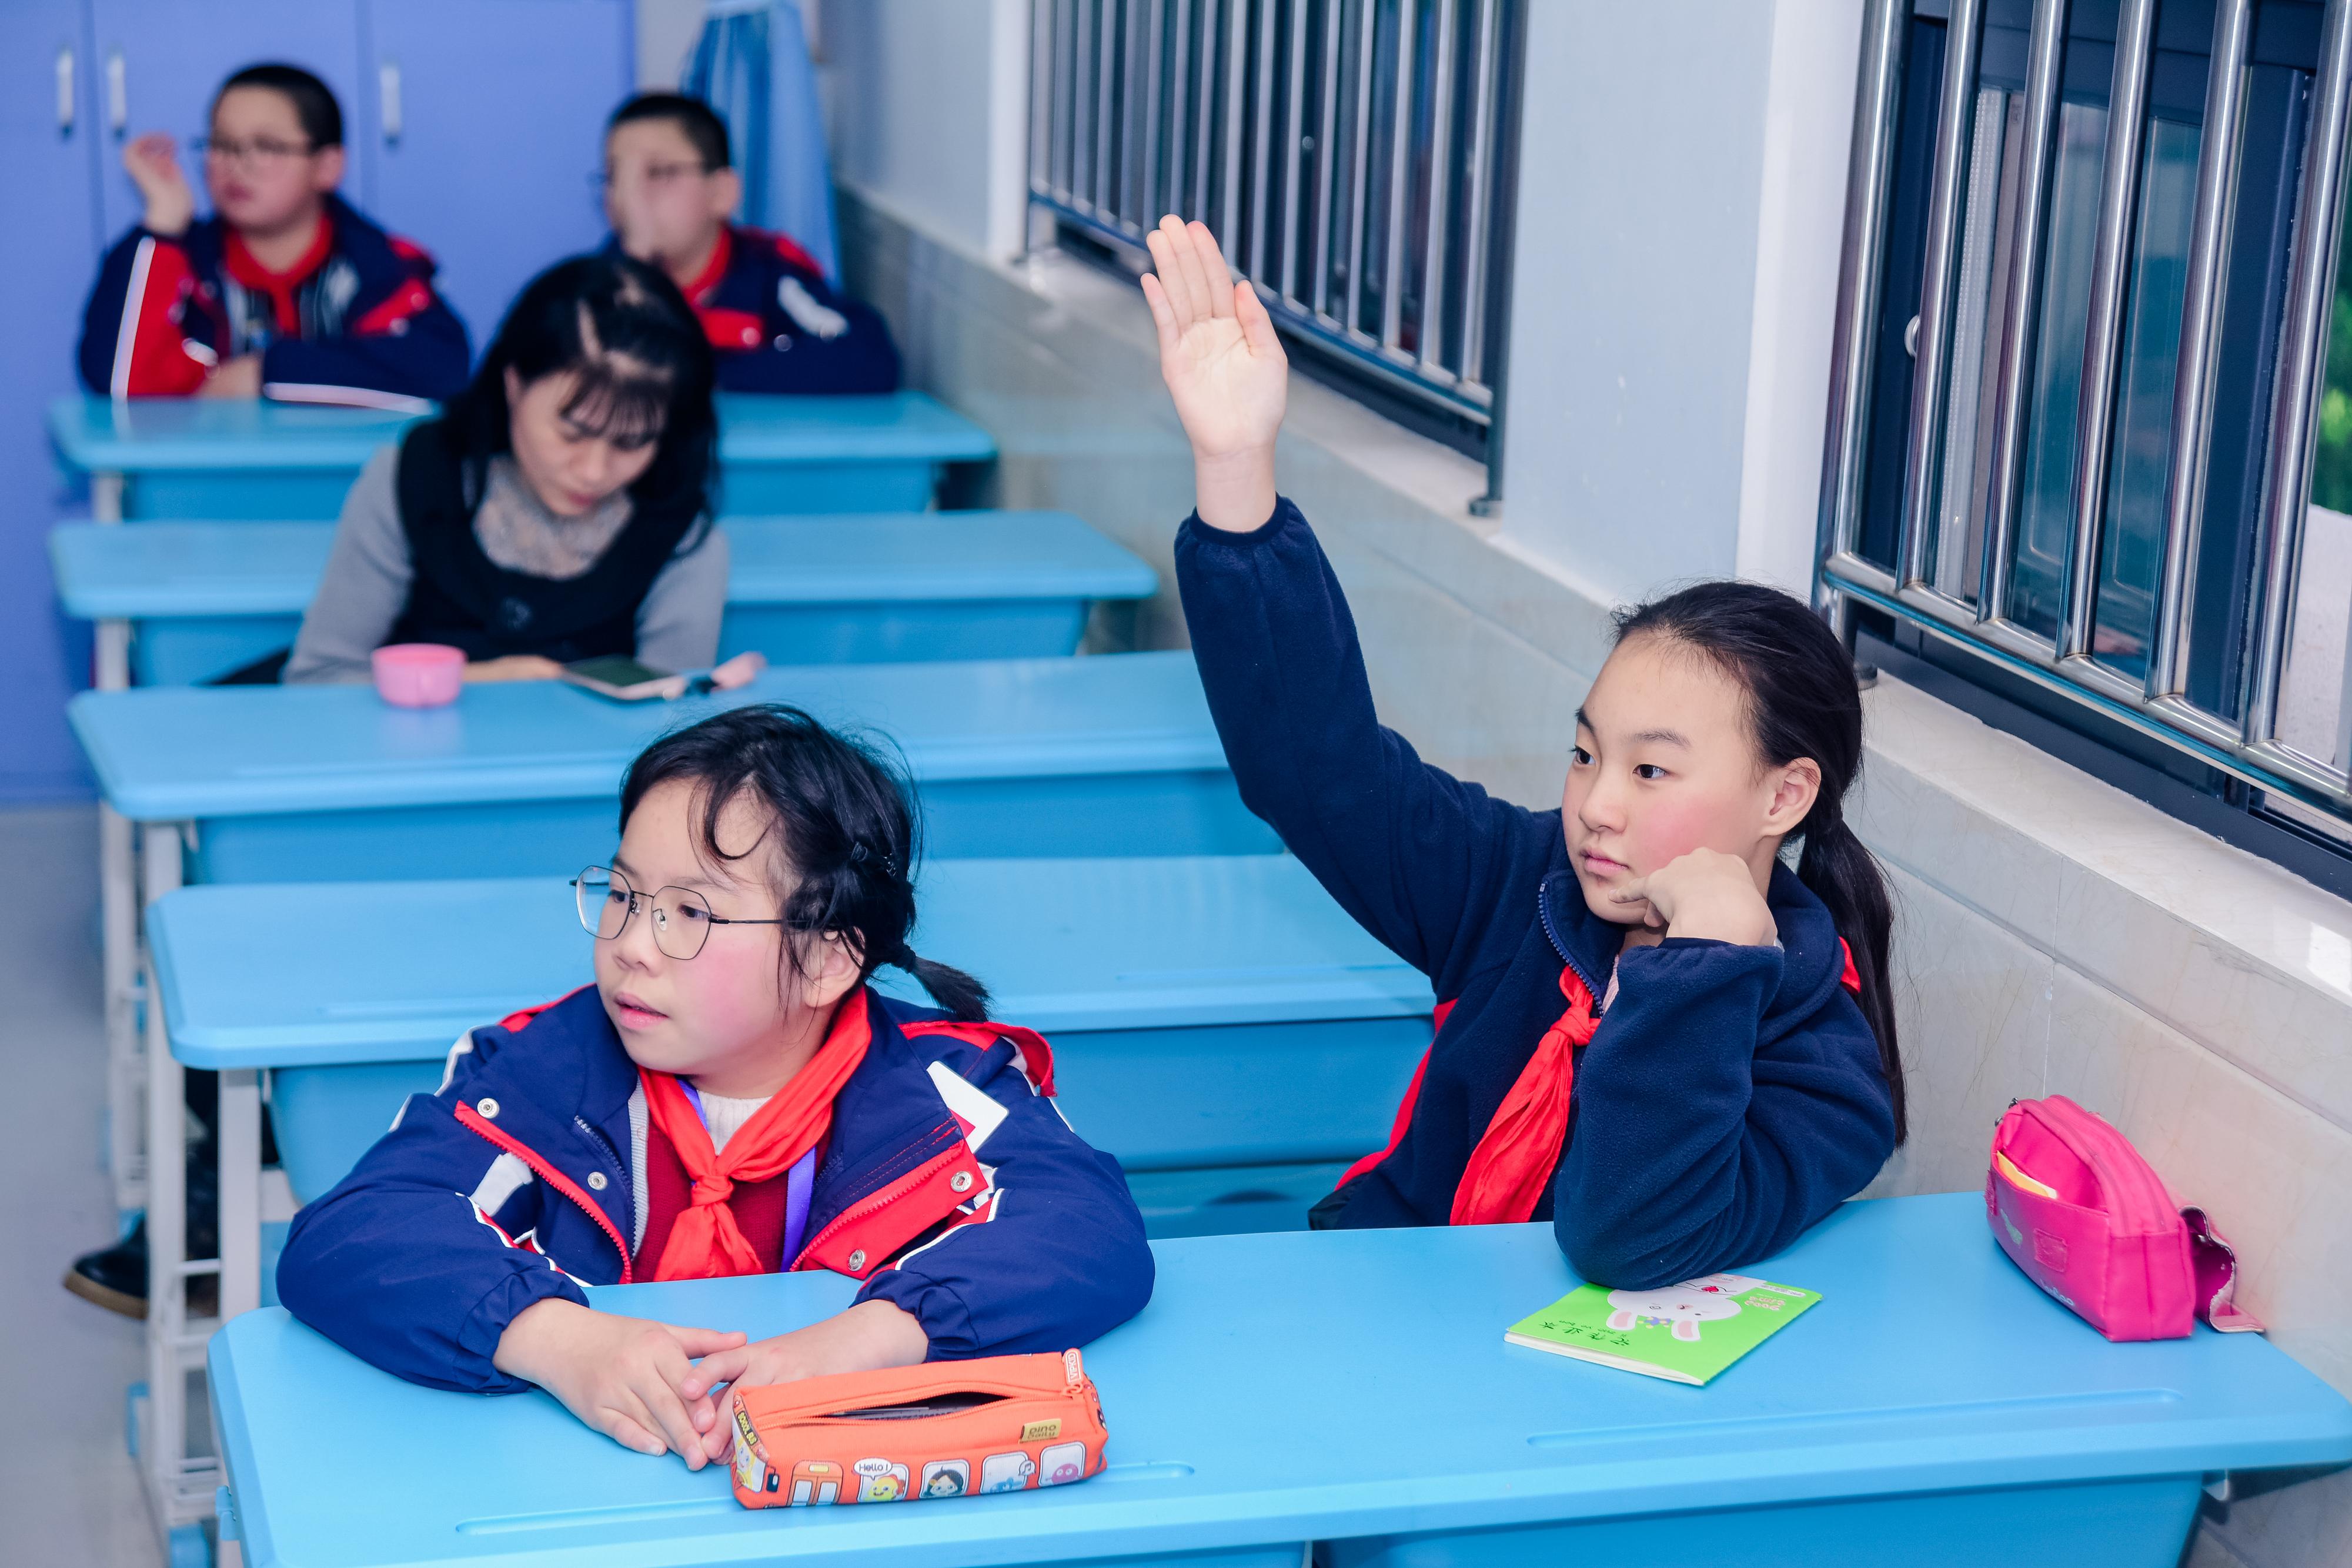 與書為友《西游記》導讀課走進溫泉小學